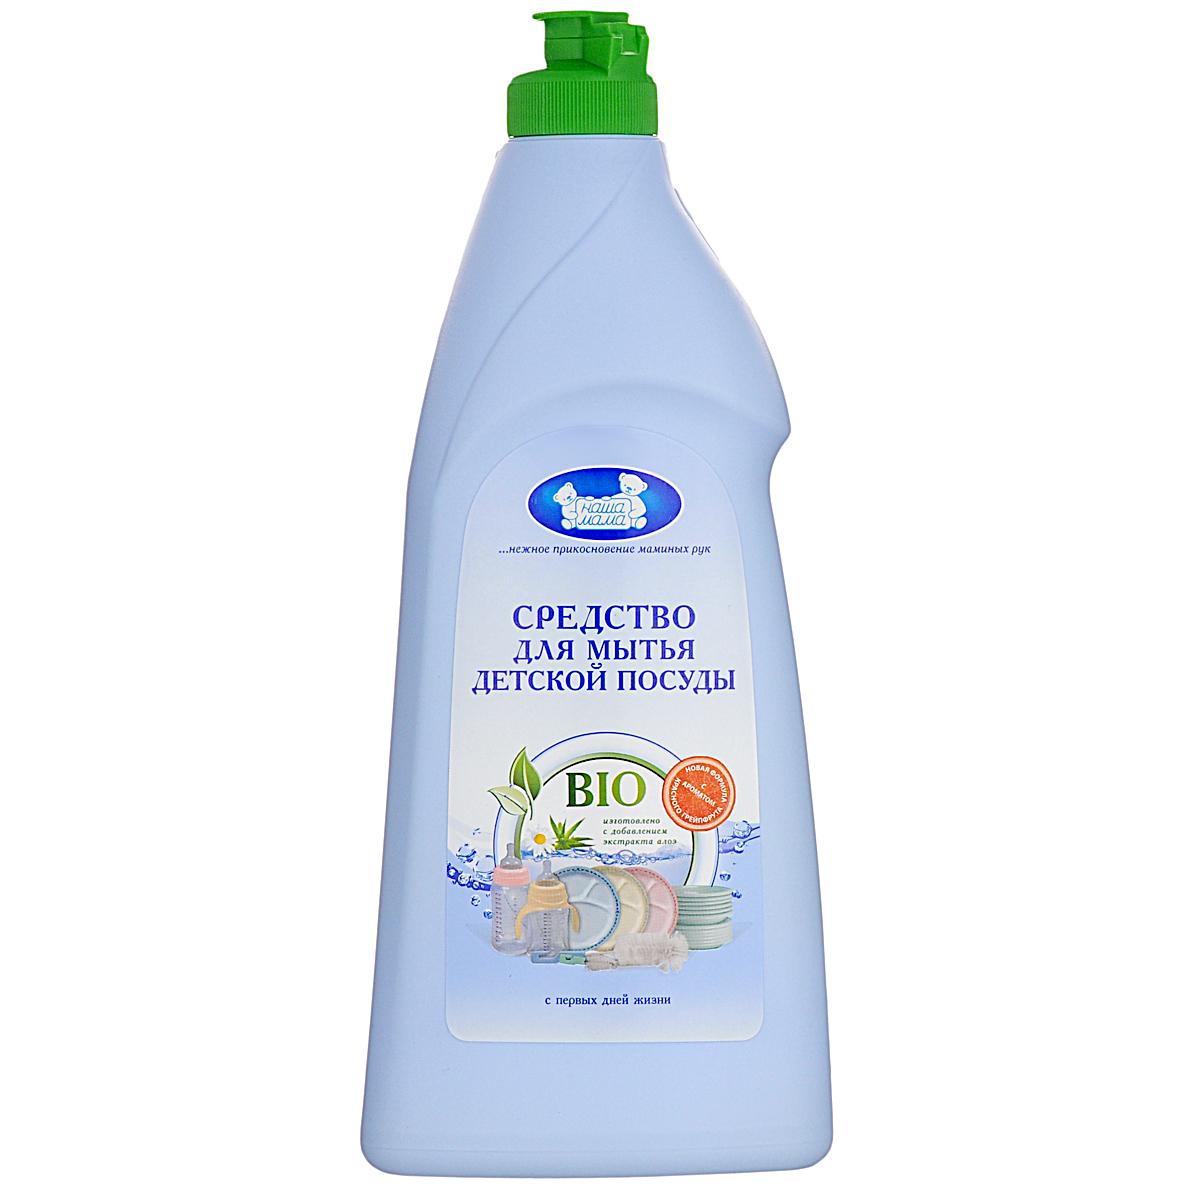 Наша мама Средство для мытья детской посуды, универсальное, с экстрактом алоэ, 500 мл03.09.01.30550Универсальное средство для мытья детской посуды Наша мама эффективно удаляет остатки характерных молочных, кисломолочных и других продуктов даже в холодной воде. Специально разработанная формула с биологически активными натуральными компонентами, гарантирует максимальную безопасность при мытье детской посуды. Входящий в состав экстракт алоэ смягчает кожу рук.